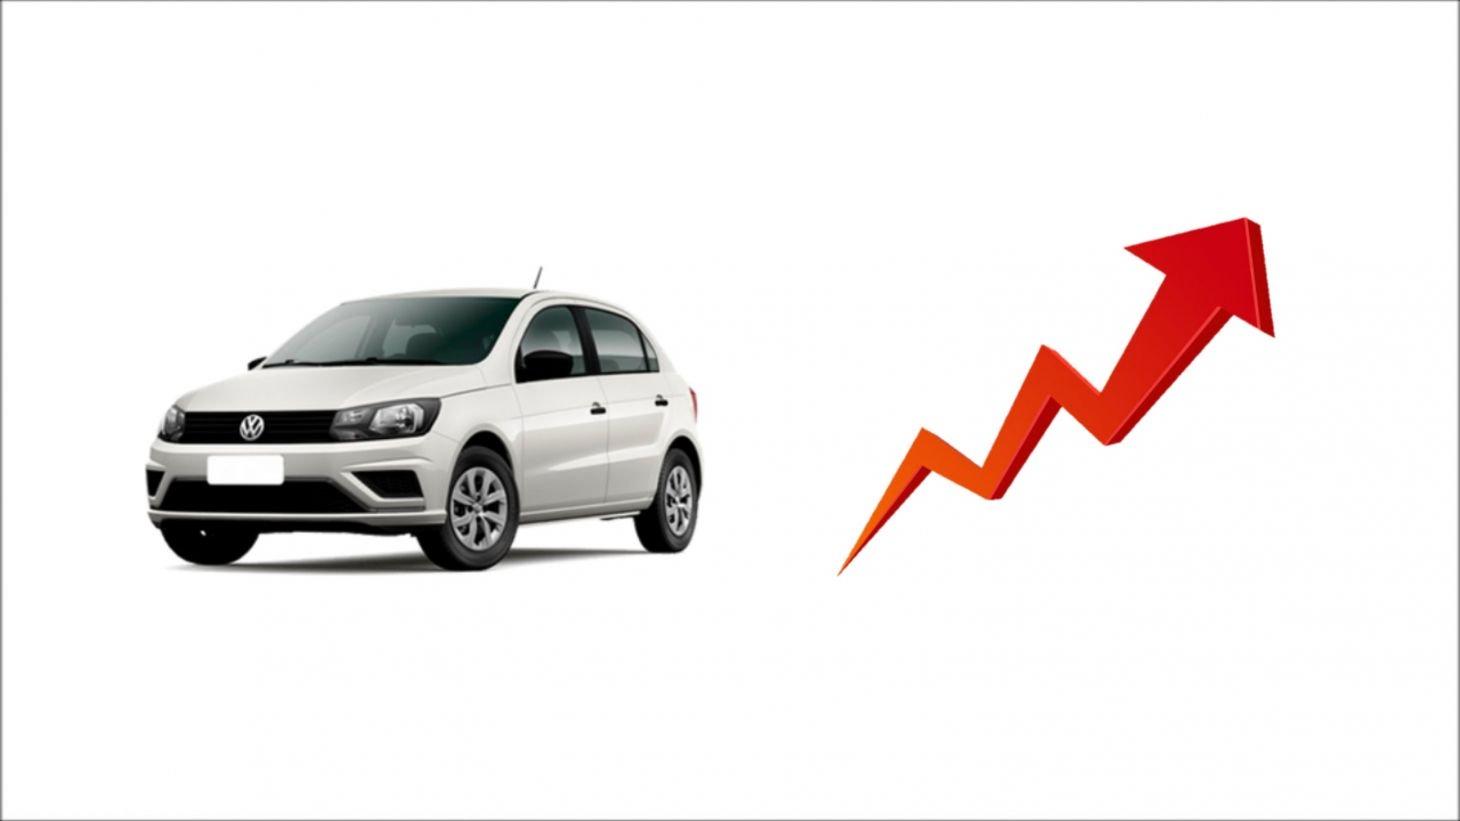 Volkswagen Gol branco: seu valor na tabela Fipe e KBB pode variar